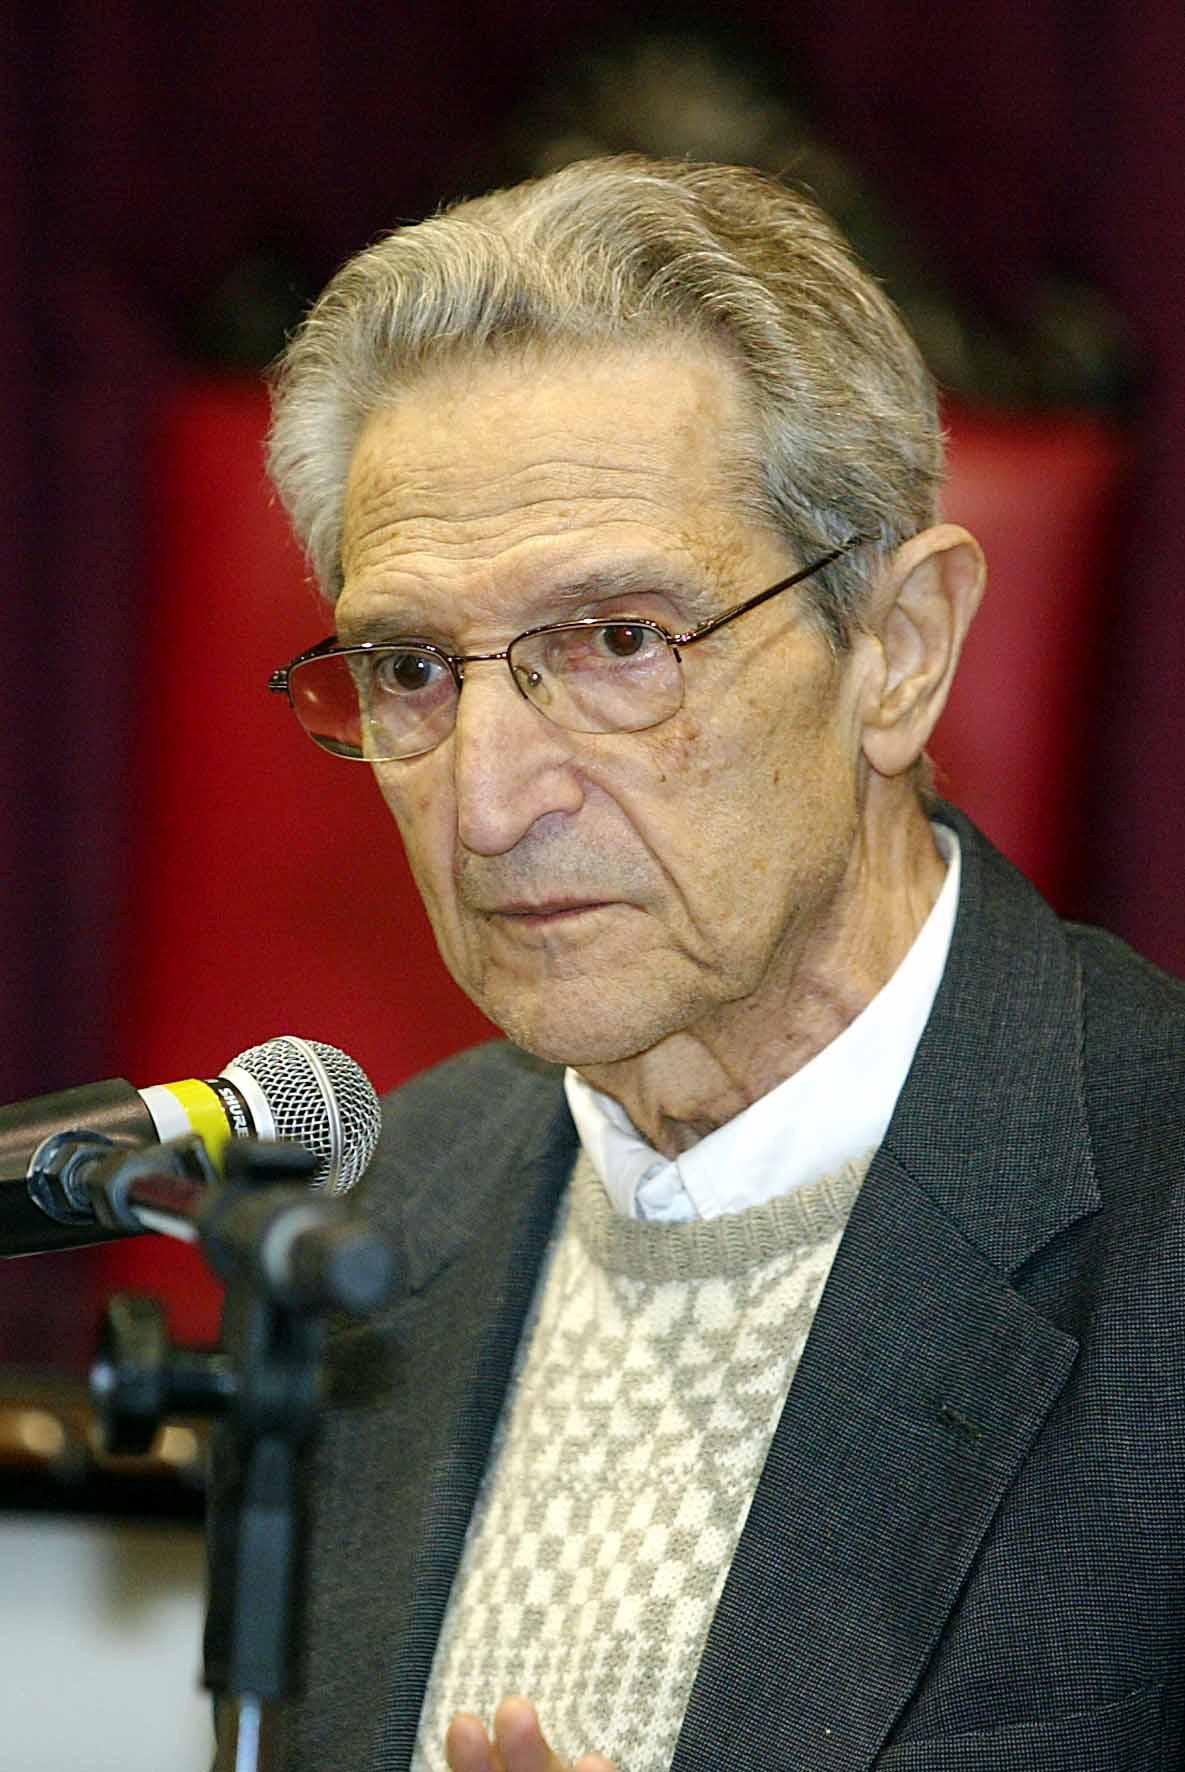 Senhor idoso de cabelos grisalhos, rosto enrrugado, óculos, utilizando paletó cinza escuro, suéter de lã claro e camisa social branca, à frente de um microfone, com uma cadeira fora de foco a vários metros atrás